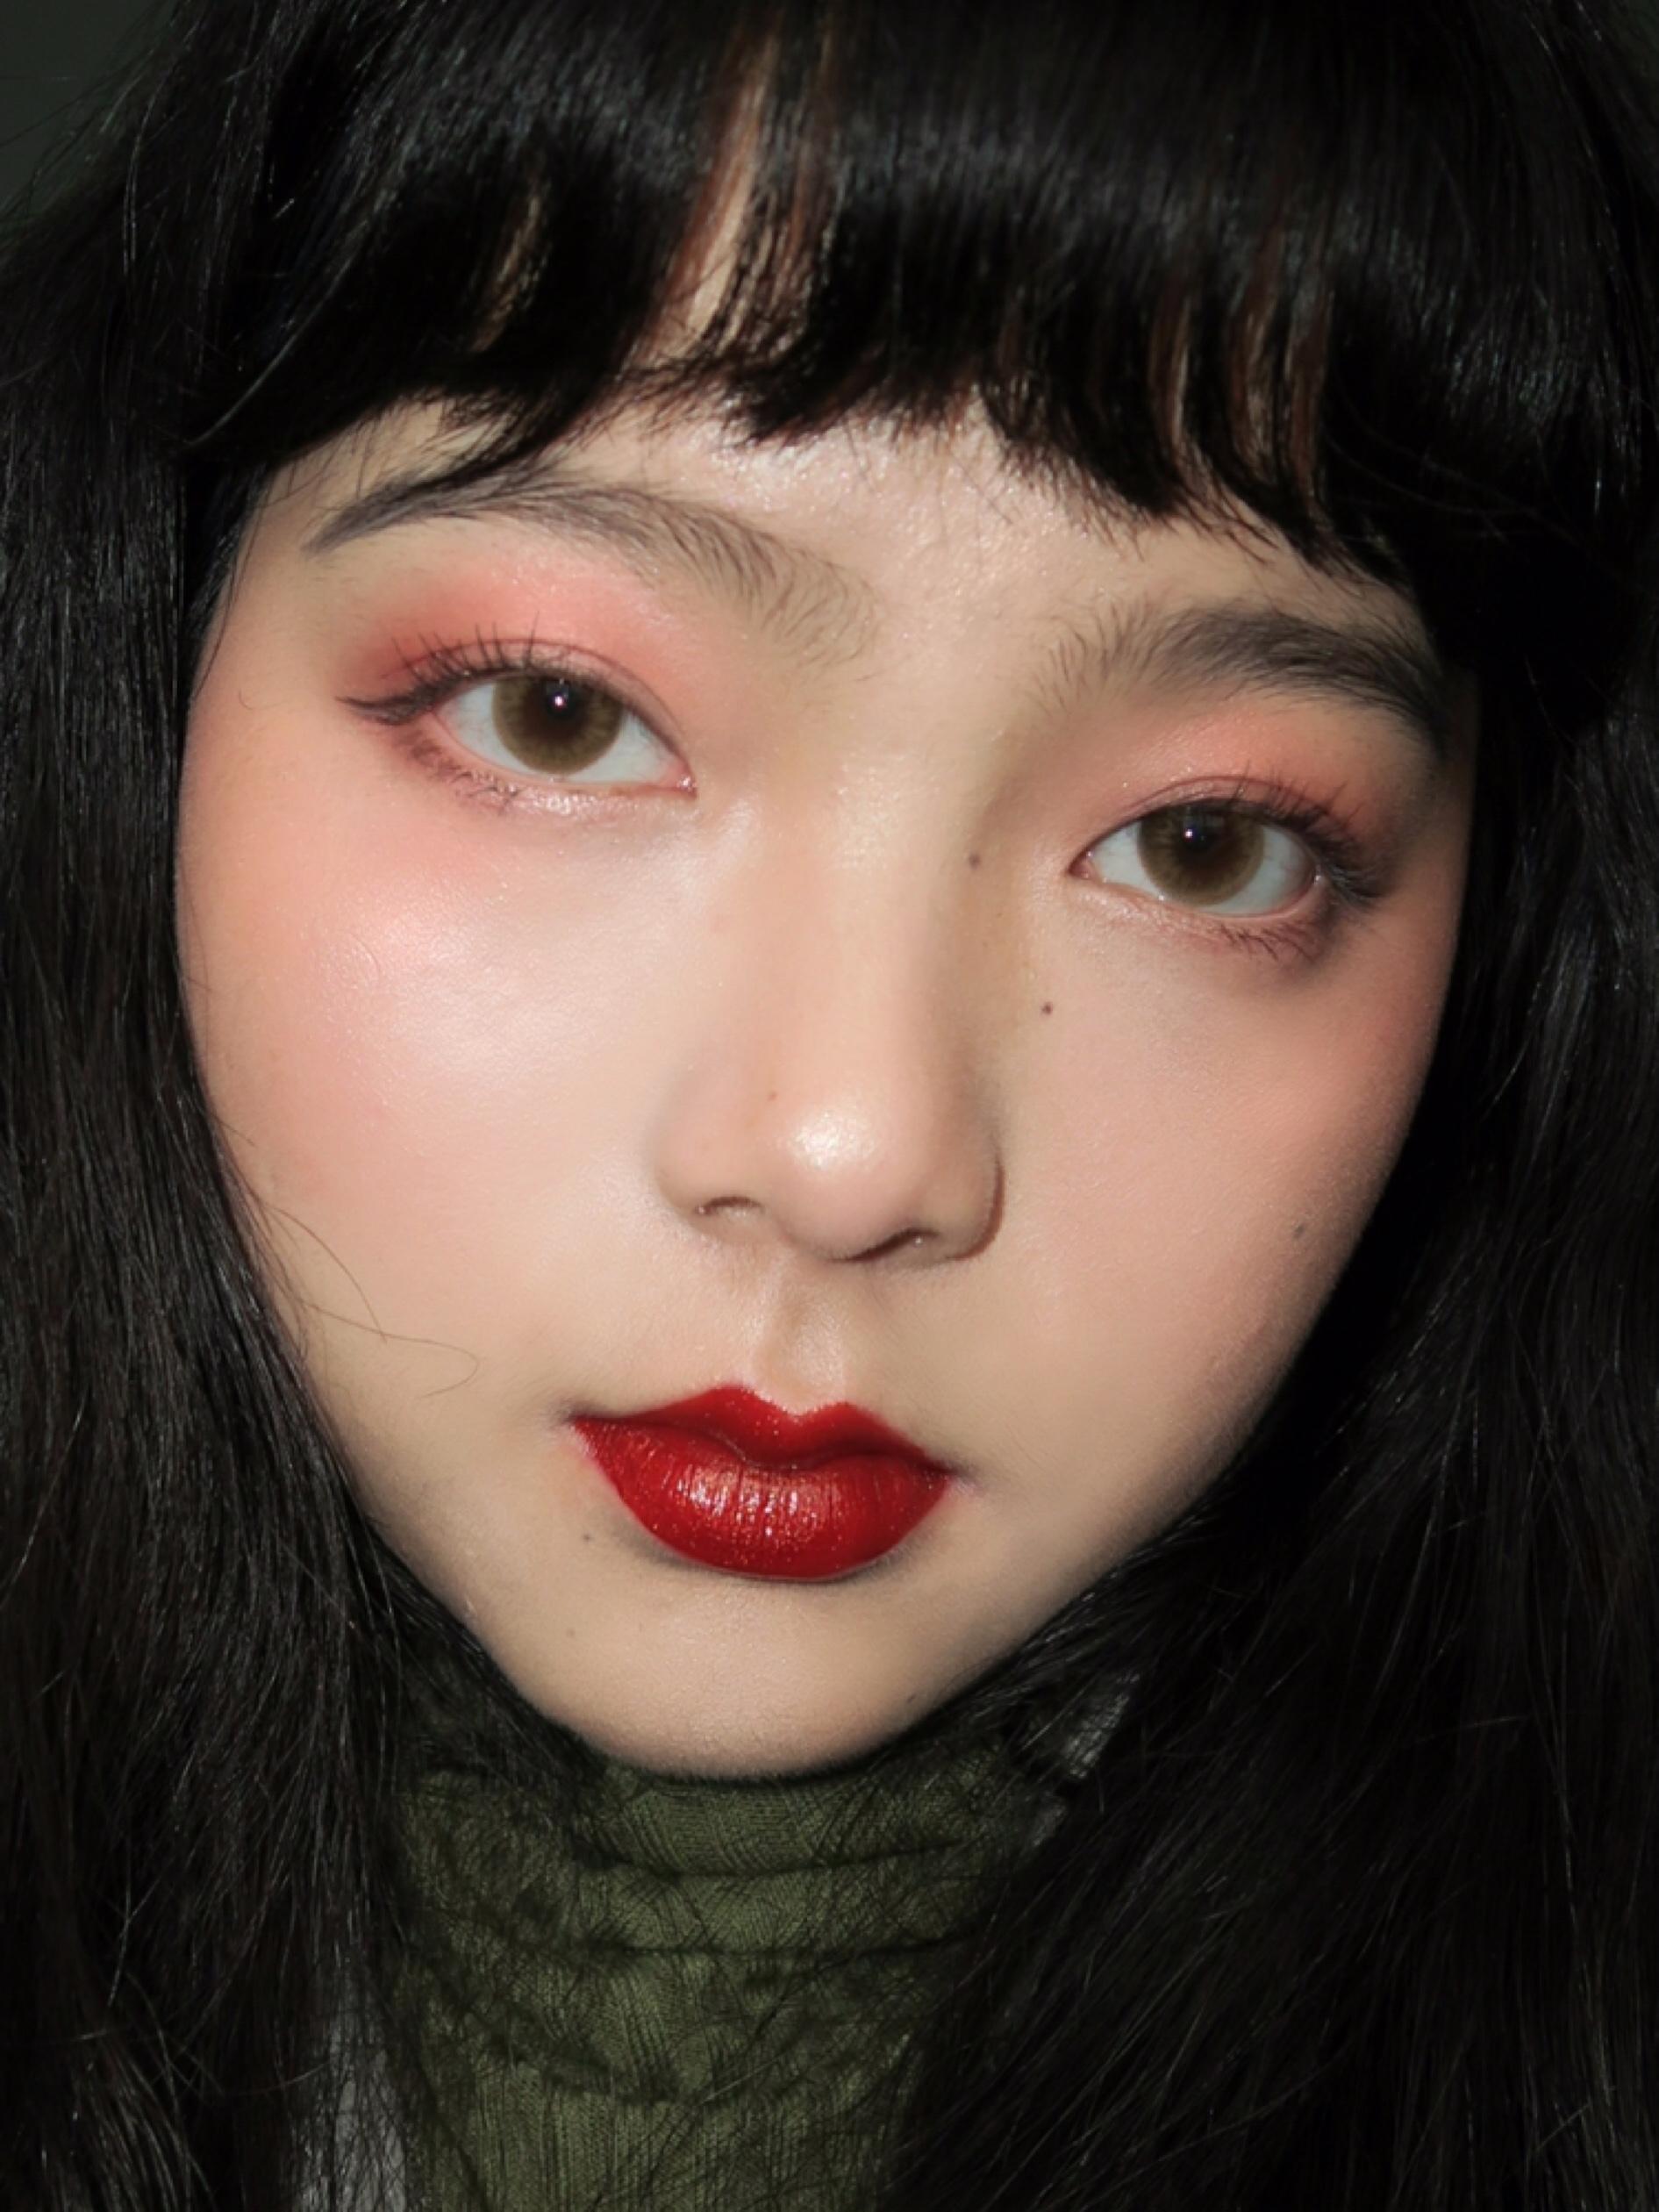 #开运妆让我红包拿到手软# 一个适合拿红包时候画的妆容分享给大家~ 底妆🌟️:BOBBI BROWN气垫,选用比较轻薄的气垫,轻松打造自然好皮肤~ 眼影🌟️:直接拿粉粉的腮红扫在眼皮上~非常可爱哦 眼线🌟️:kissme的眼线笔,稍稍往下延长眼尾,打造出无辜感~ 眉毛🌟️:只稍稍延长一下眉尾,自然的野生眉就OK了~ 腮红🌟️:主要扫在眼下,看起来有一种微醺的感觉 口红🌟️:木旯的镜面唇釉316,一只带闪的镜面唇釉 非常有锦鲤的感觉 这个可爱无辜感又锦鲤的妆容保证让亲戚见了你忍不住多给一点红包🙈